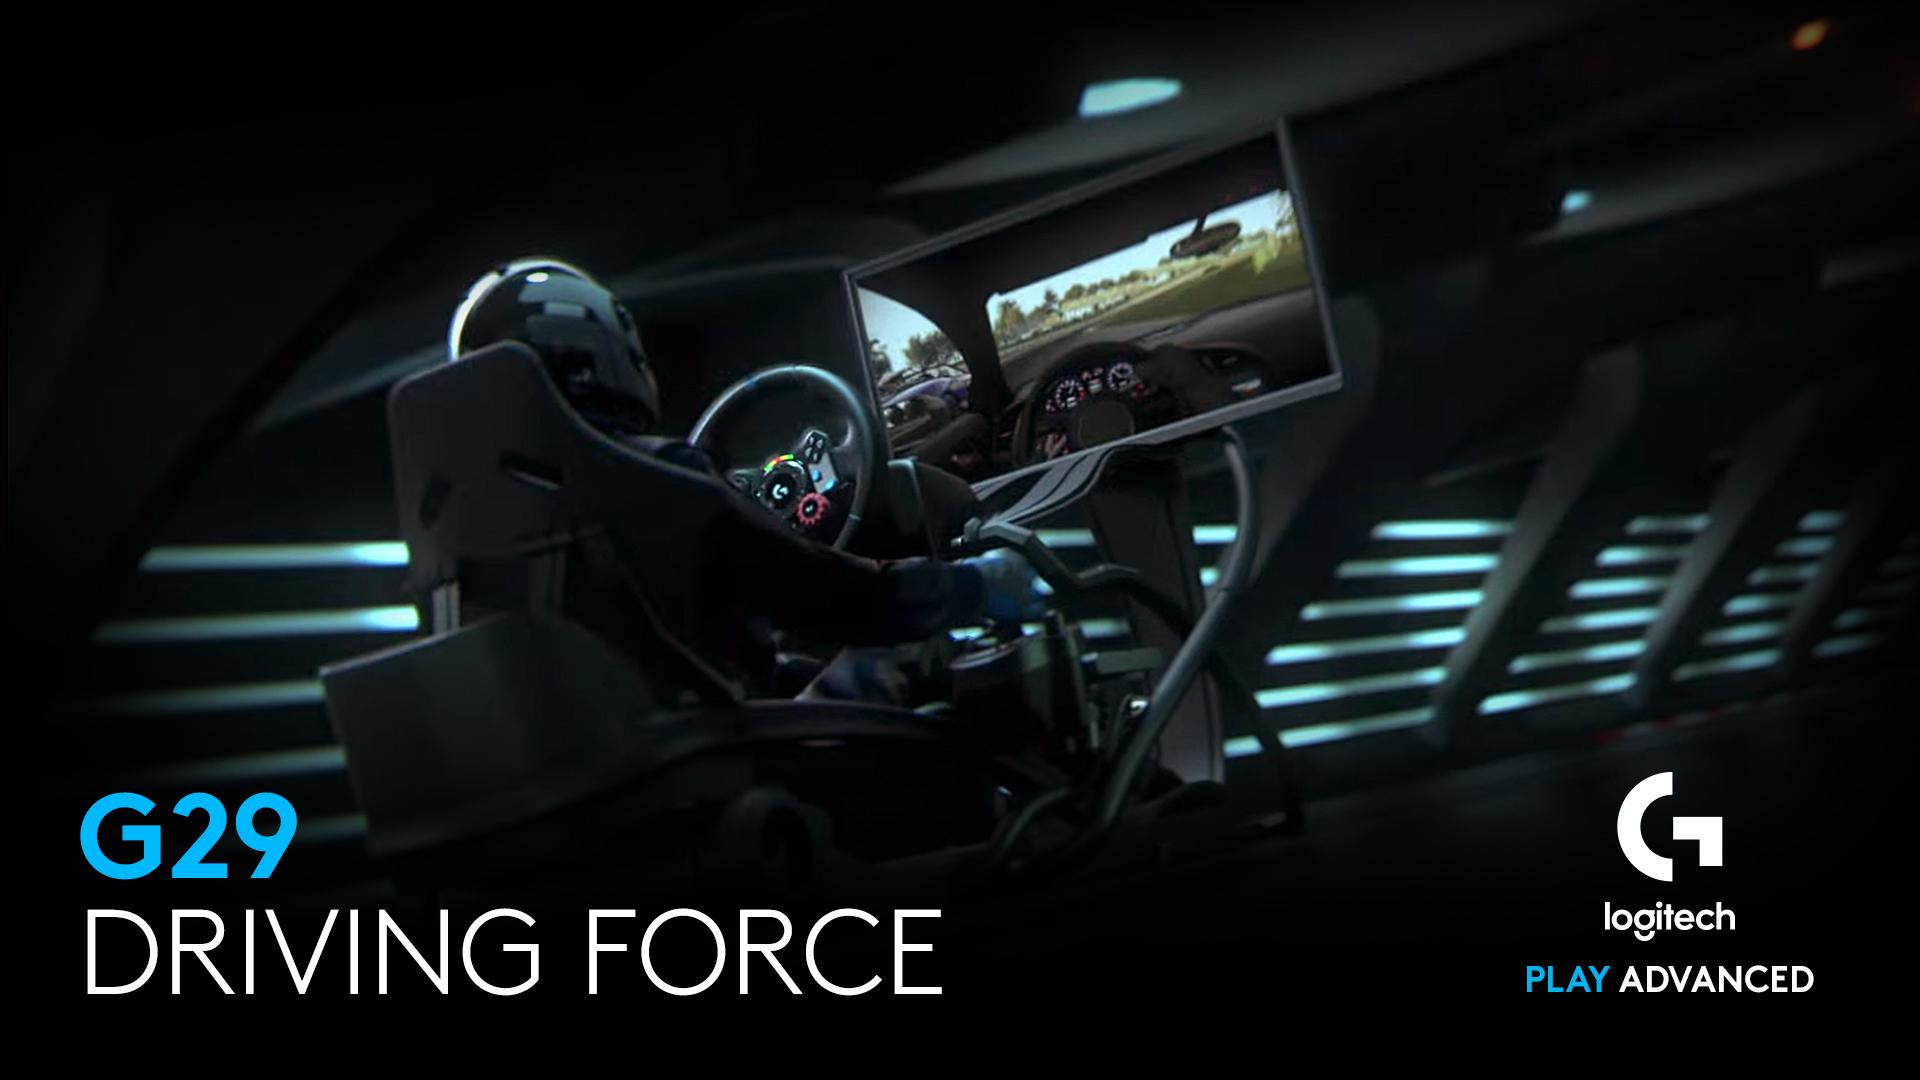 Giới thiệu Vô Lăng chơi game Logitech G29 DRIVING FORCE